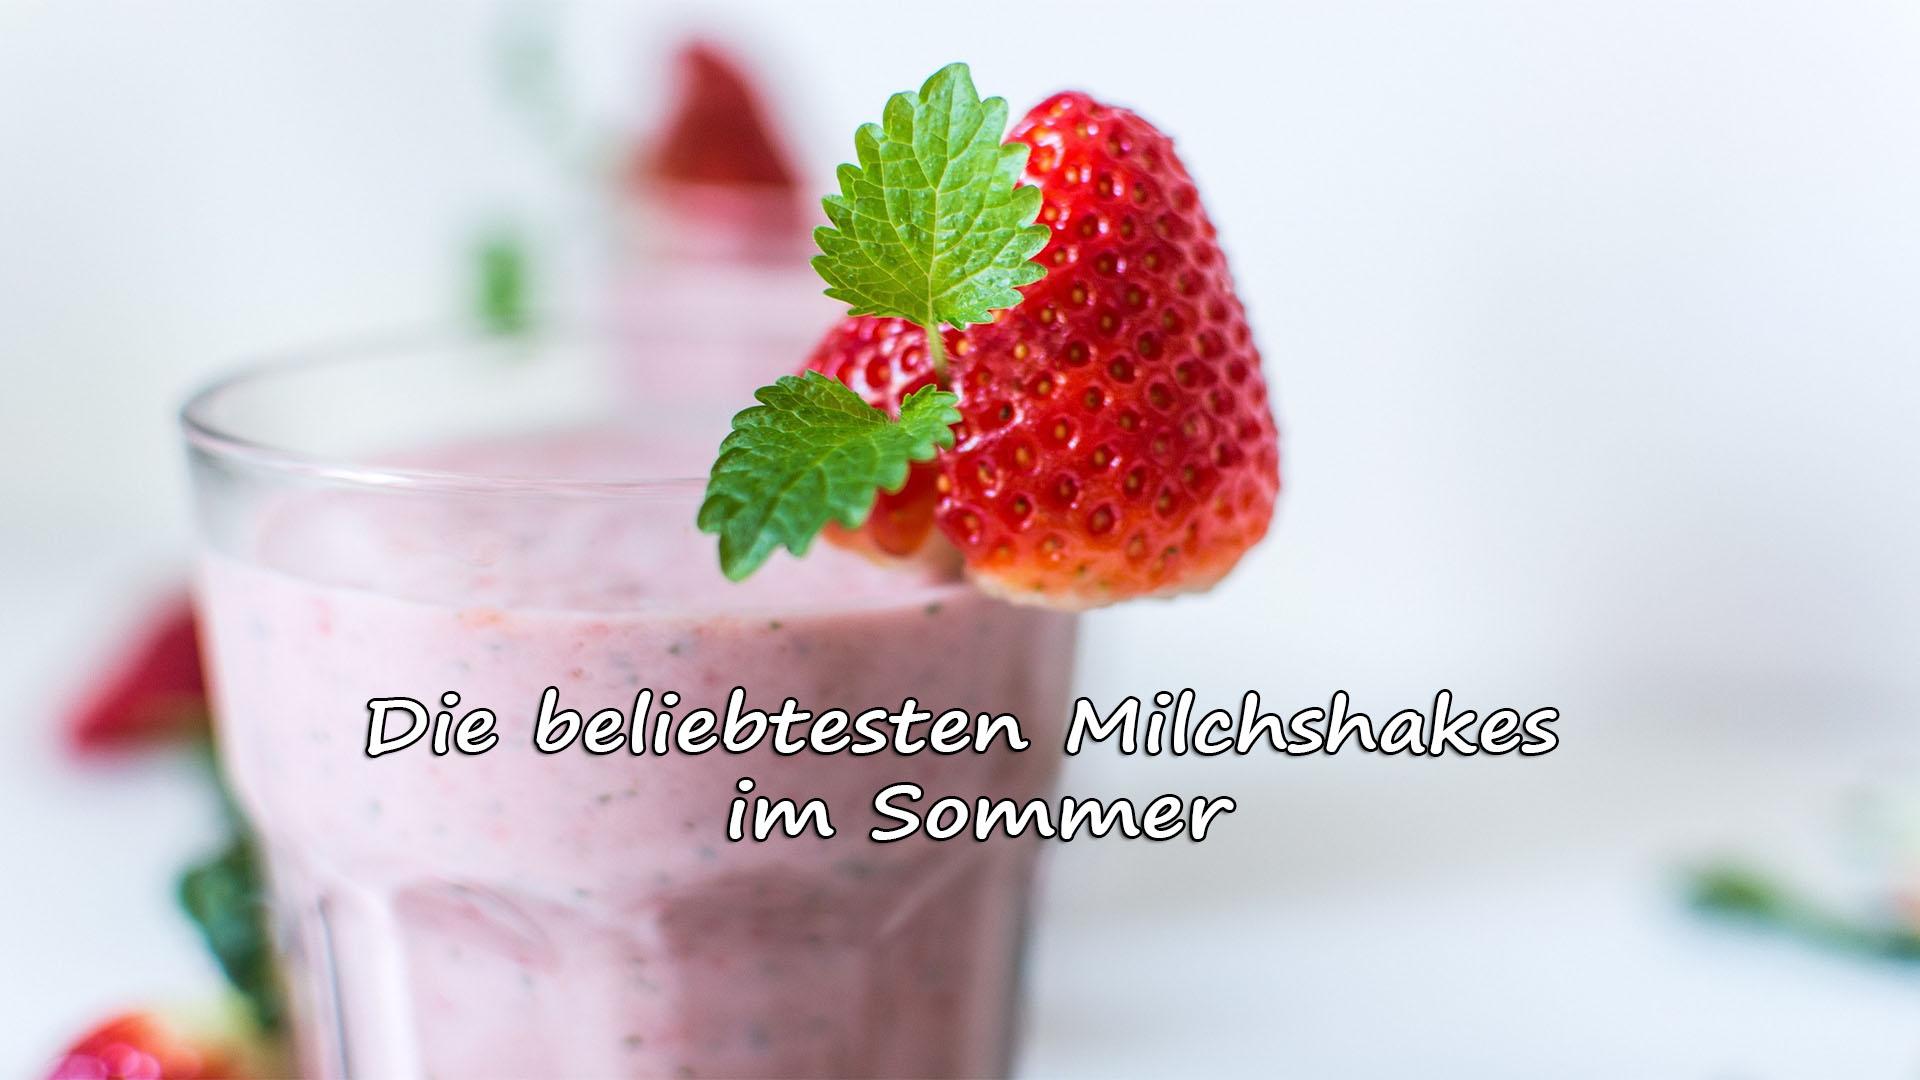 Die beliebtesten Milchshakes im Sommer